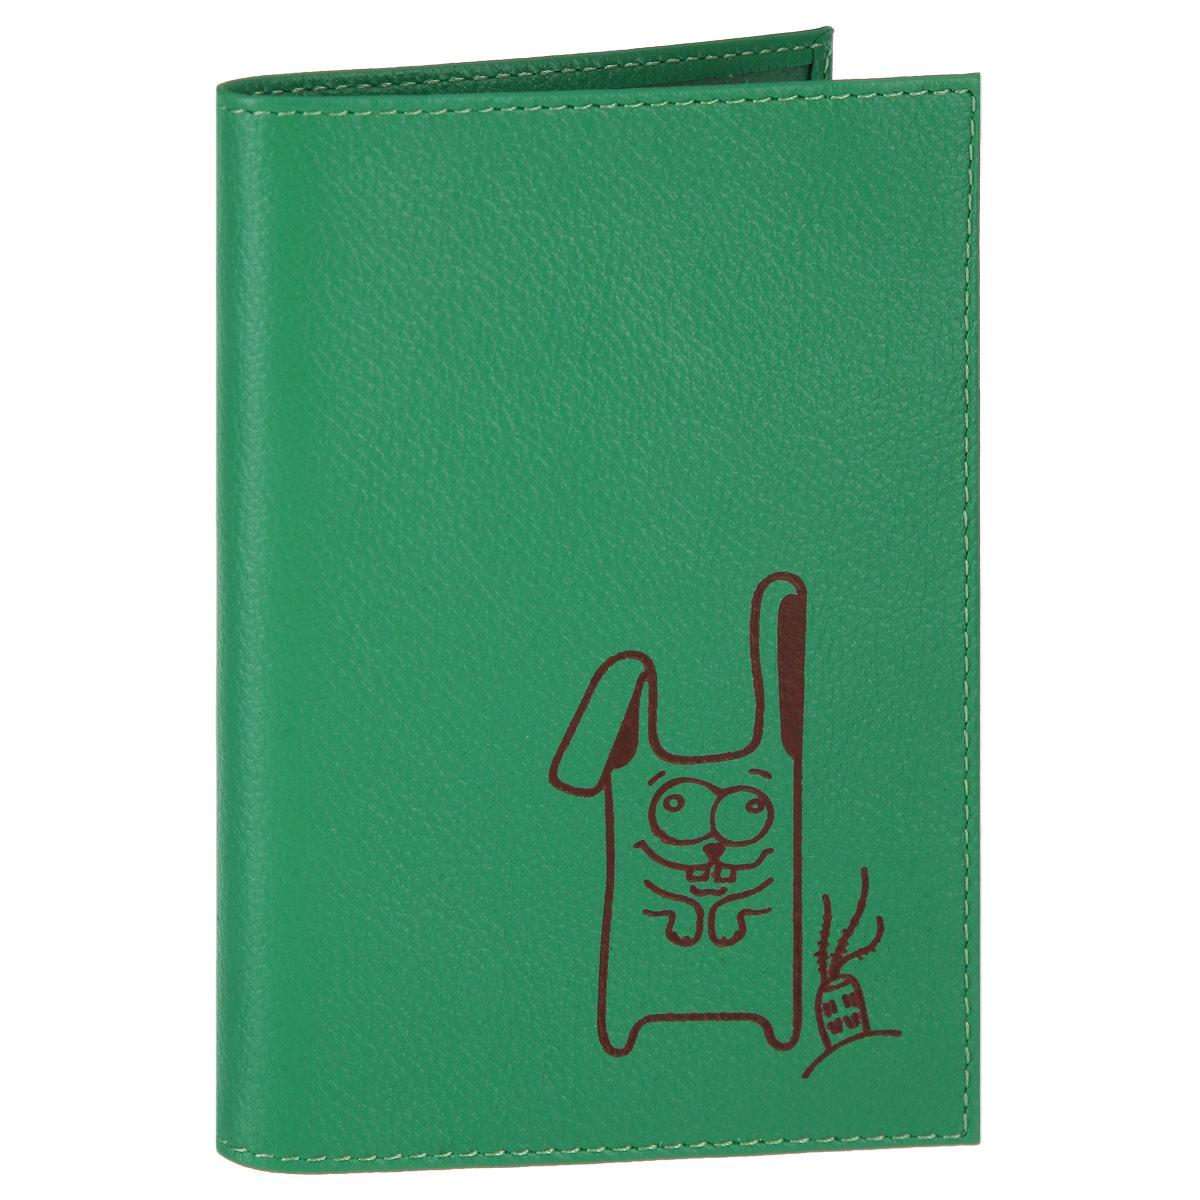 Обложка для паспорта Fabula Friends цвет: зеленый. O.30.CH190Стильная обложка для паспорта Fabula Friends выполнена из натуральной кожи с зернистой текстурой, оформлена художественной печатью с изображением забавного зайчика. Обложка для паспорта раскладывается пополам, внутри расположены два пластиковых кармашка.Такая обложка для паспорта станет прекрасным и стильным подарком человеку, любящему оригинальные и практичные вещи.